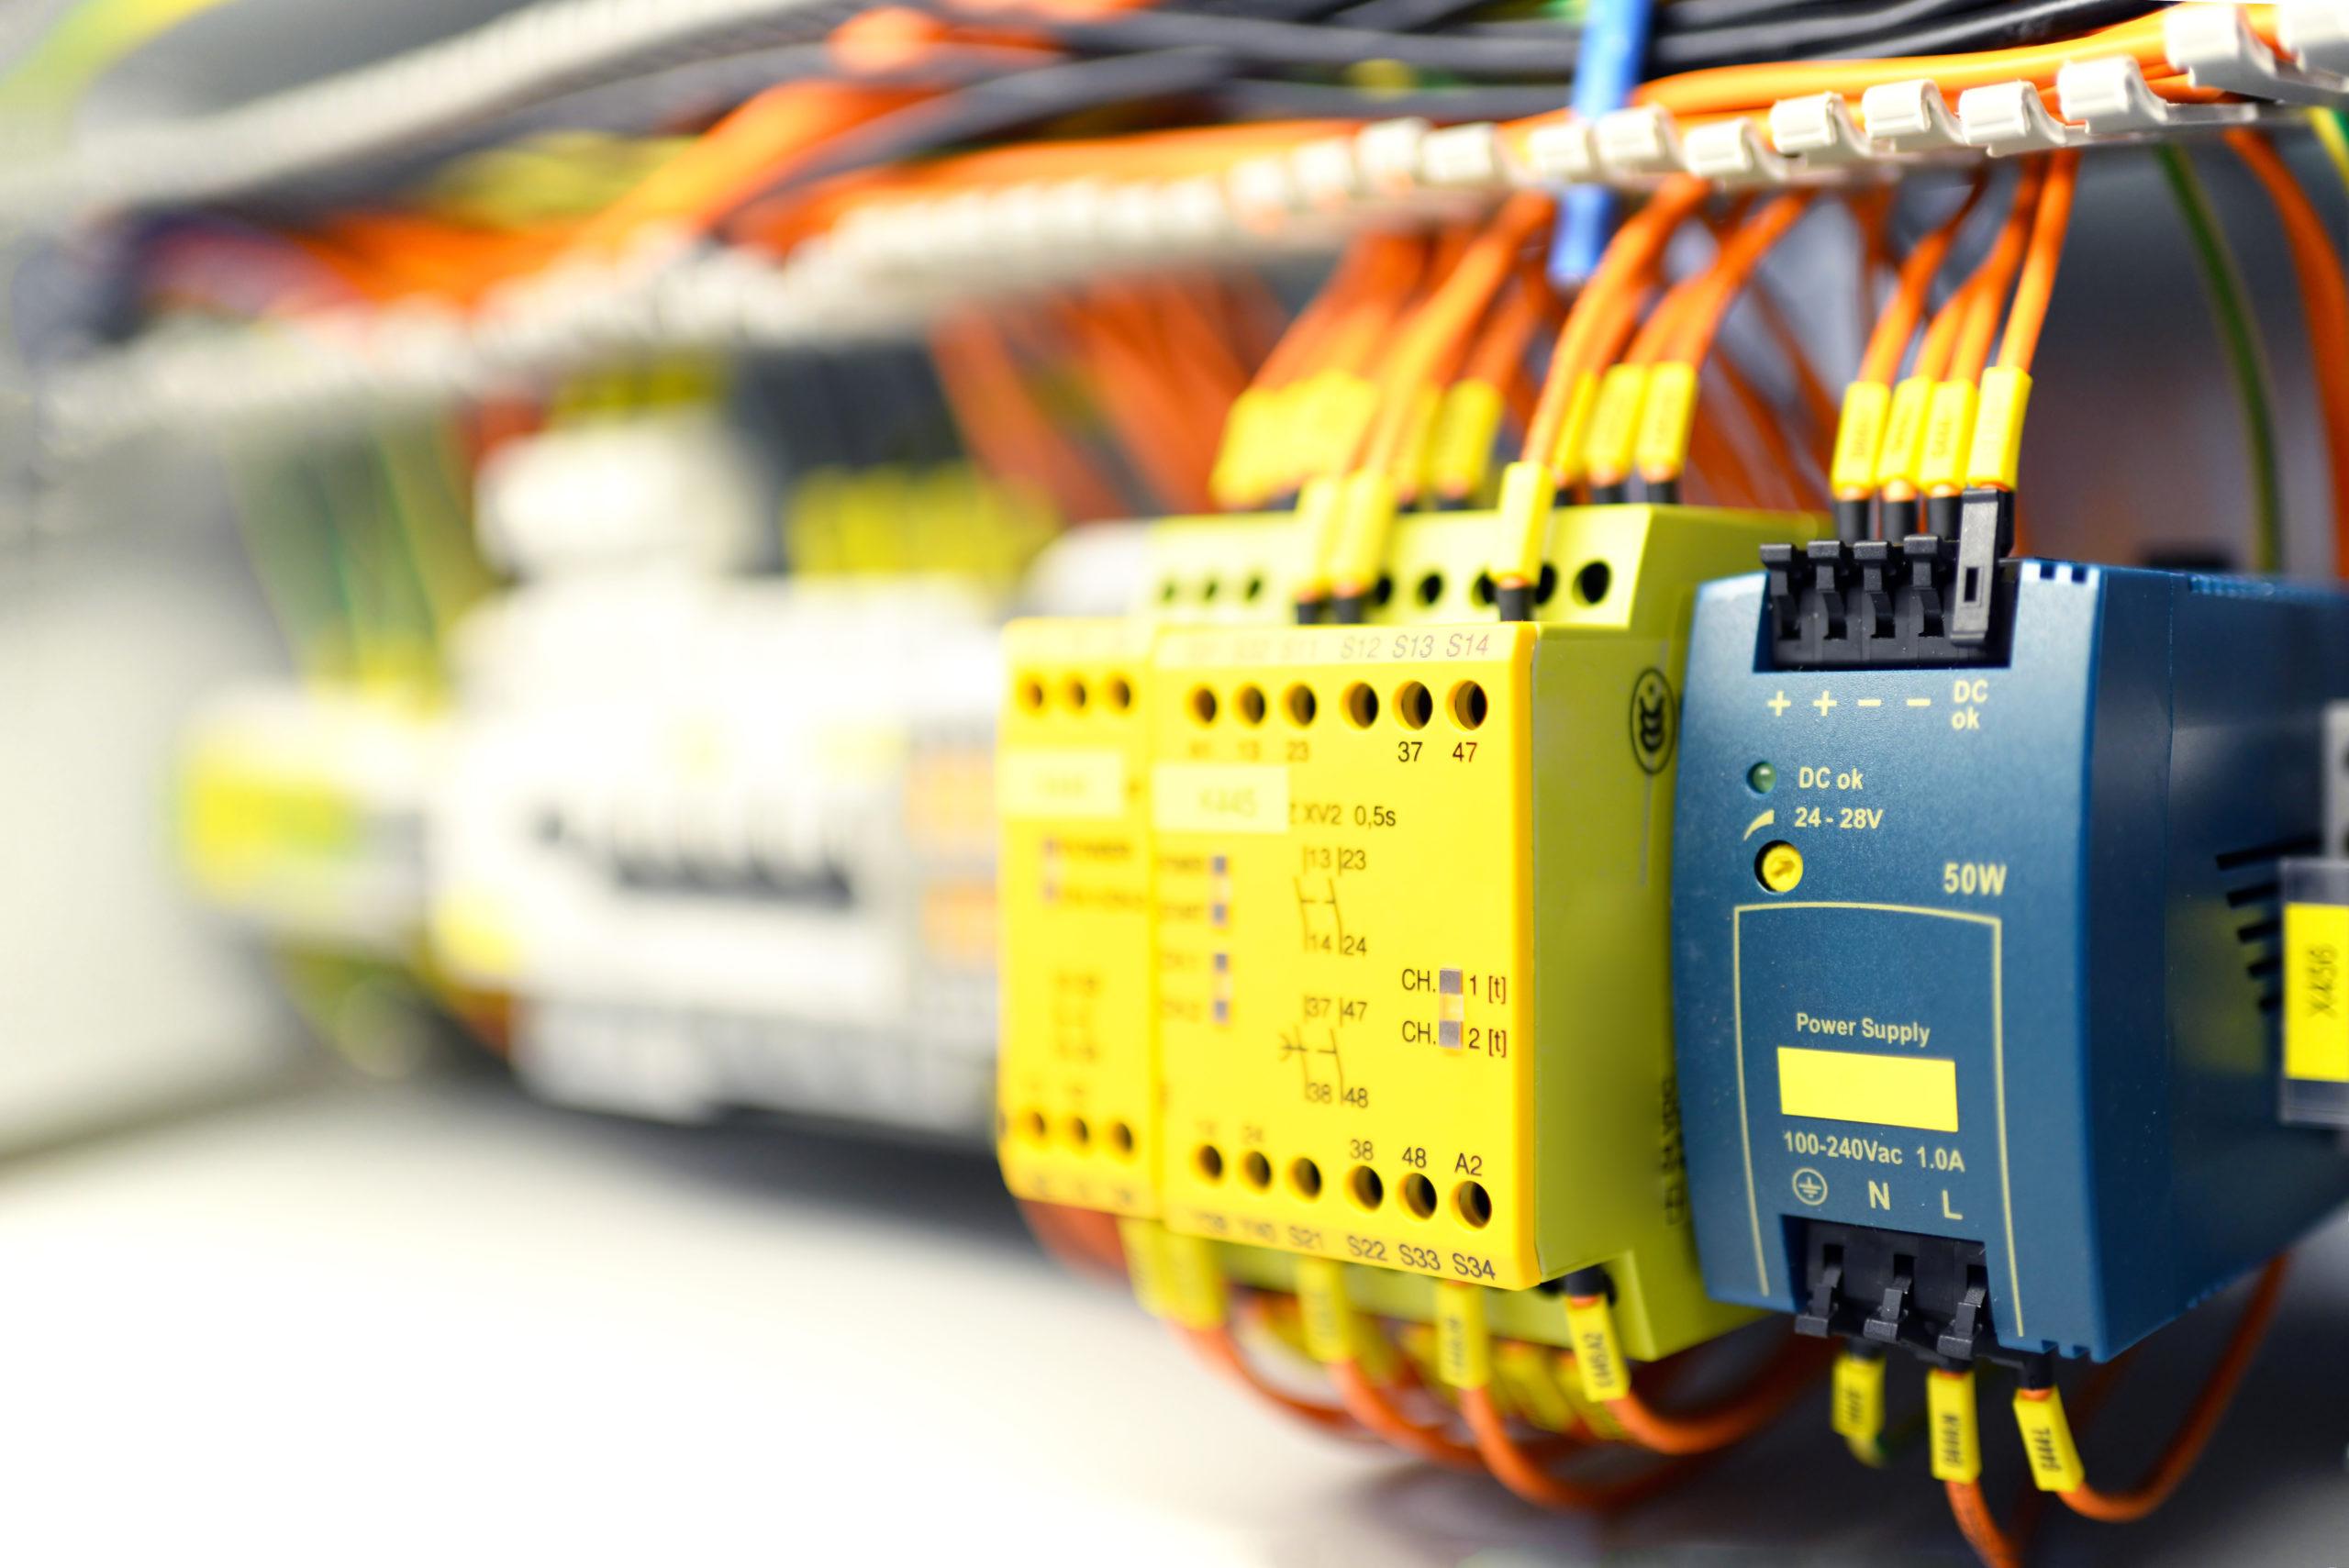 kaufgesuch-elektro anlagenbau